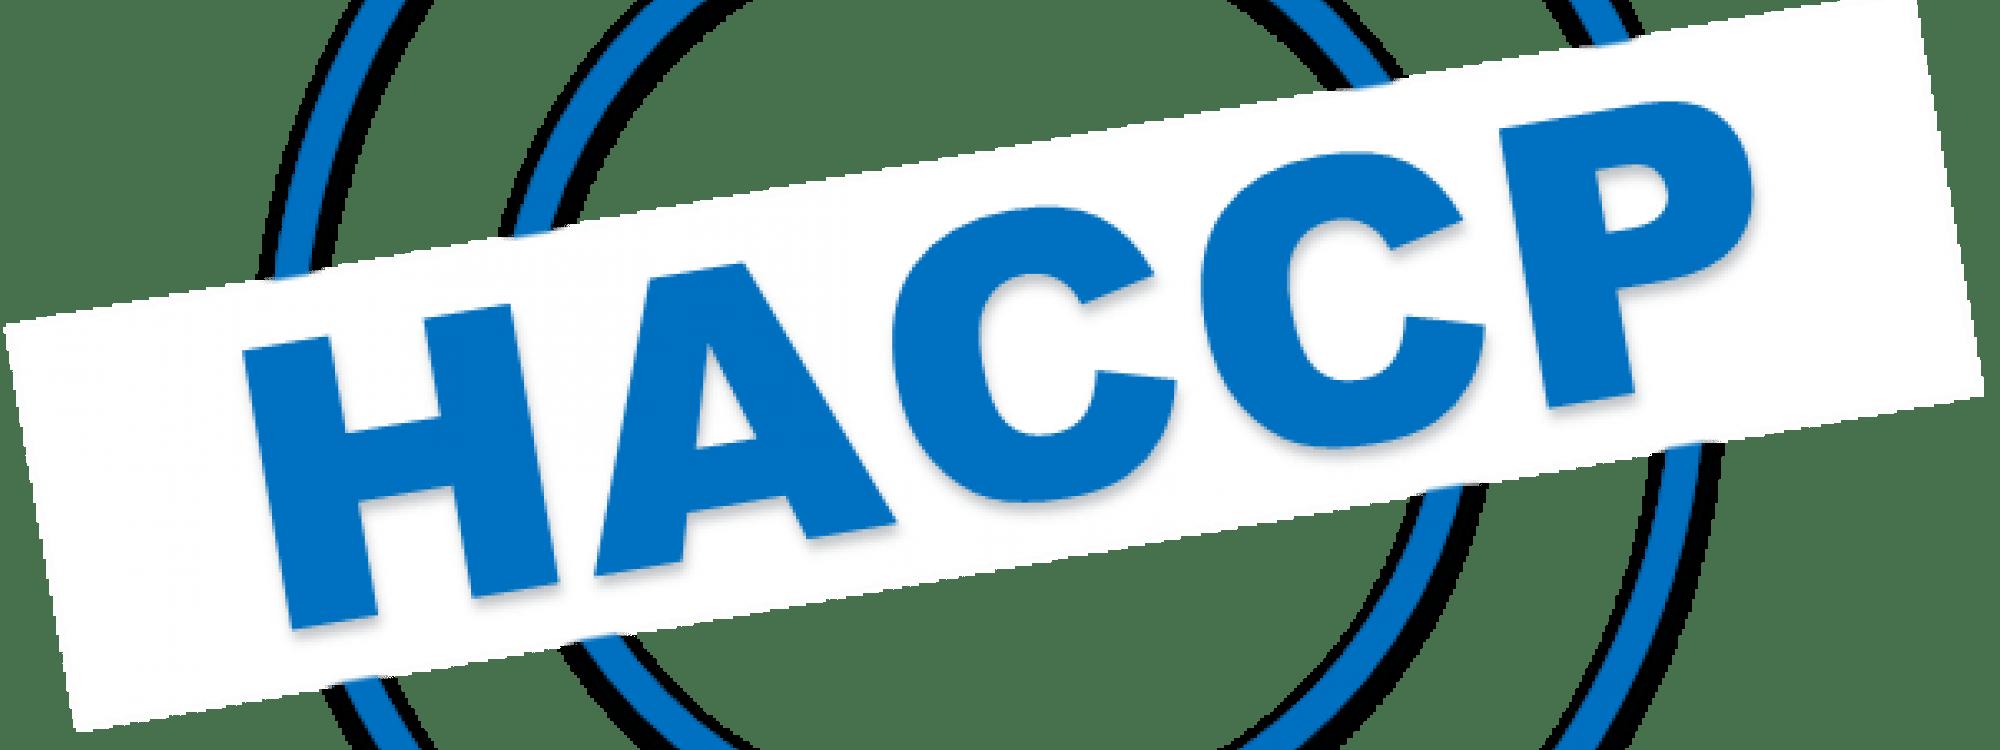 PEPPE LEOTTA PASTICCERIA ALTA FORMAZIONE CORSI CONPAIT-SICILIA CONFCOMMERCIO HACCP